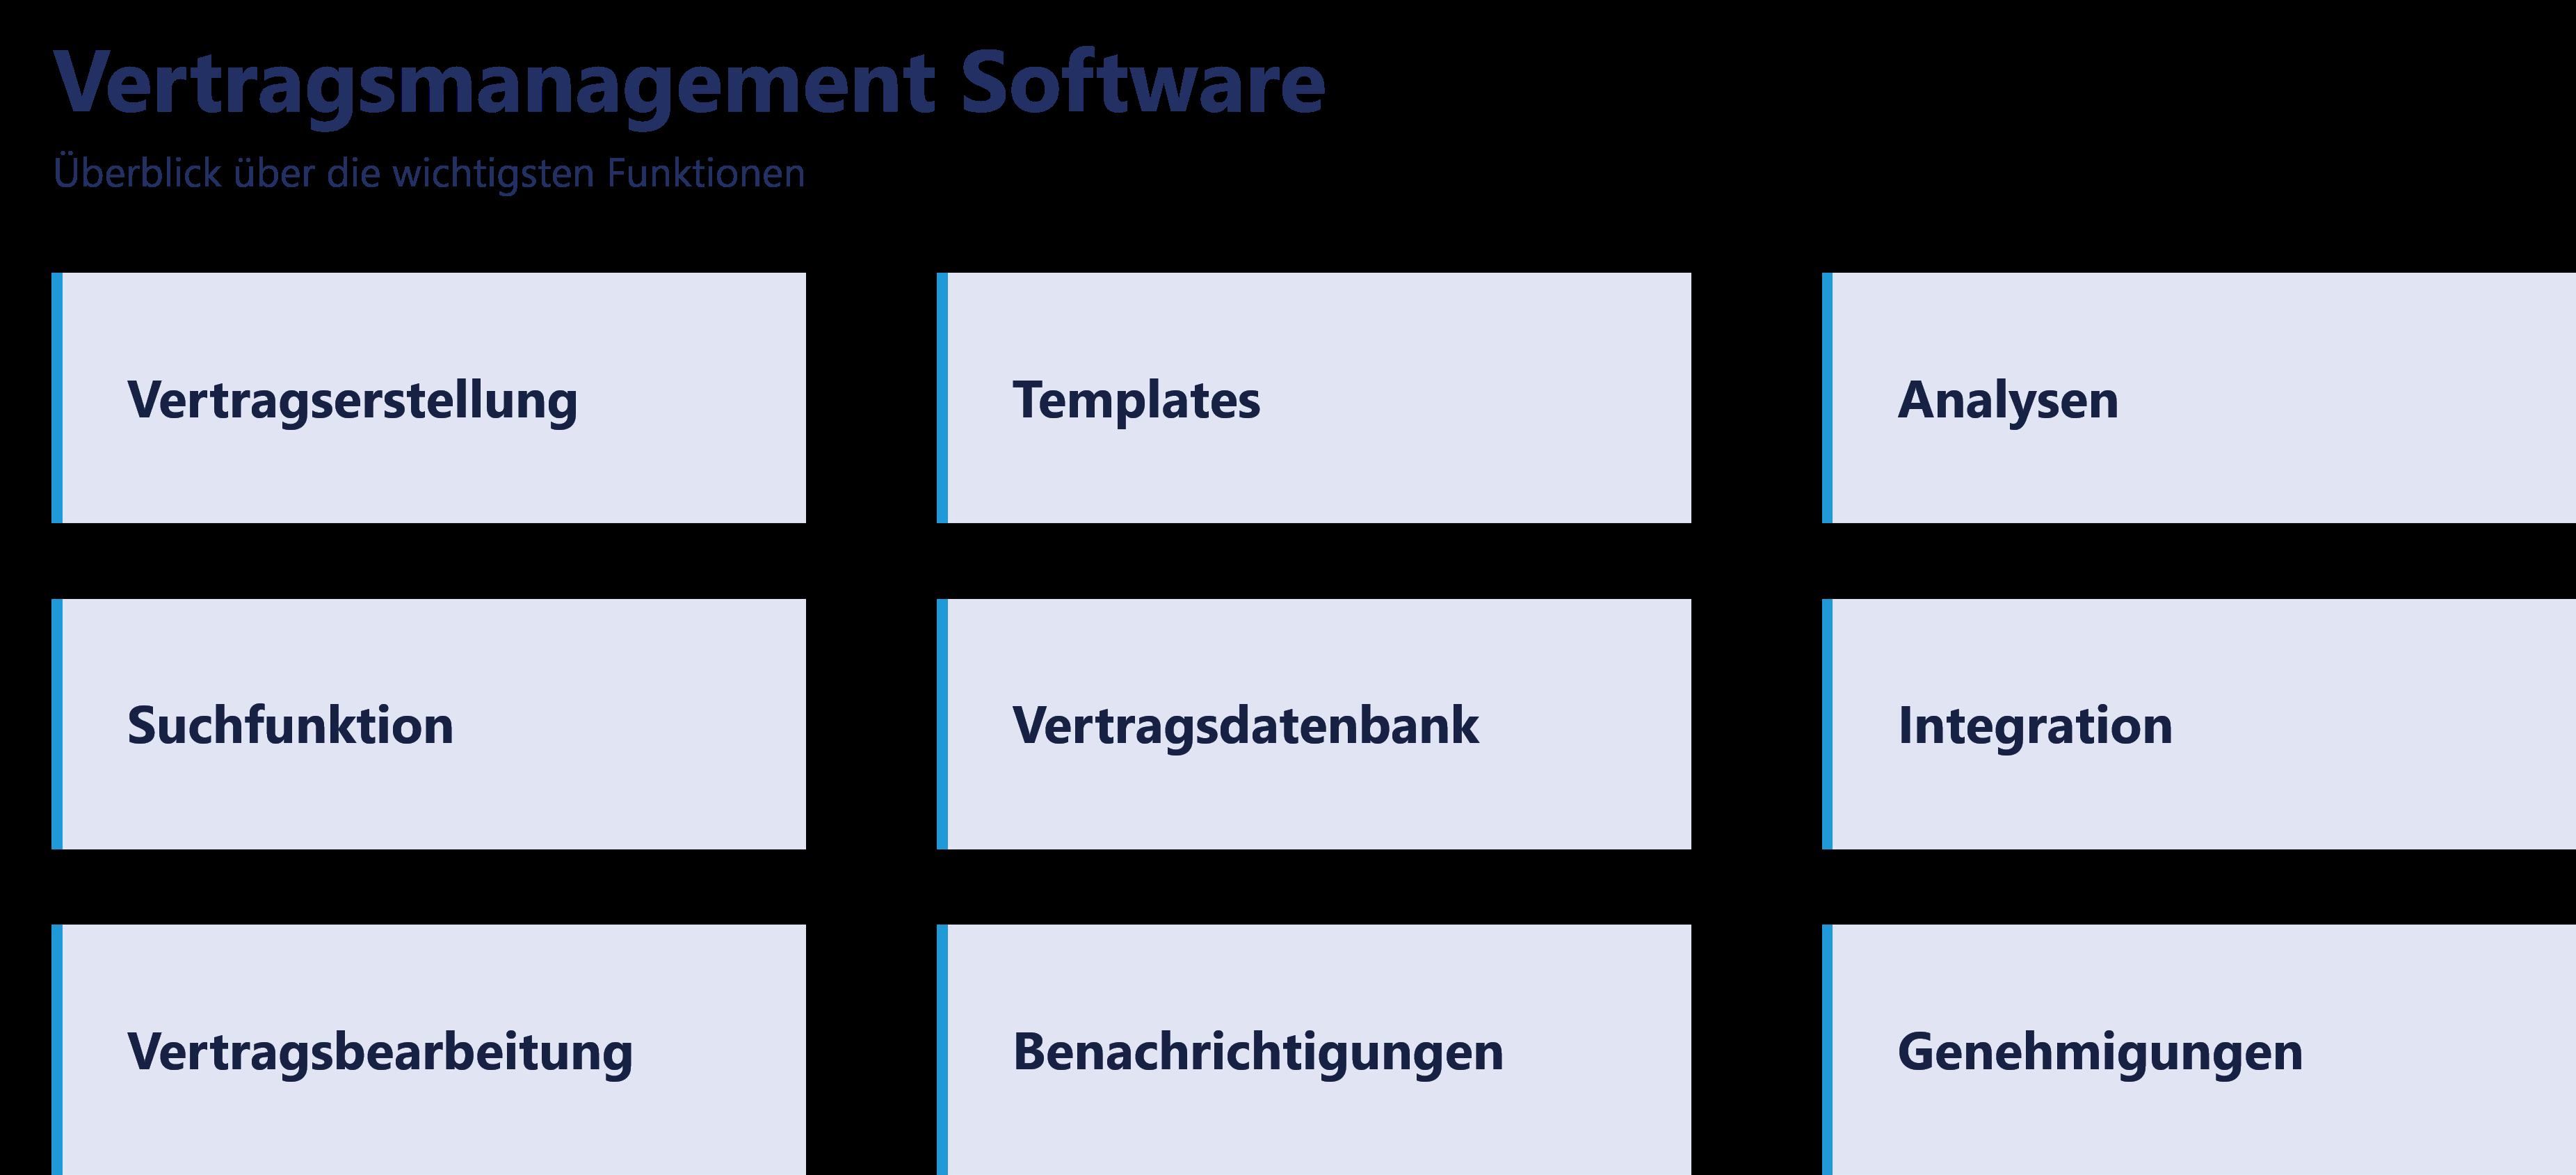 Darstellung - Funktionen einer Vertragsmanagement Software